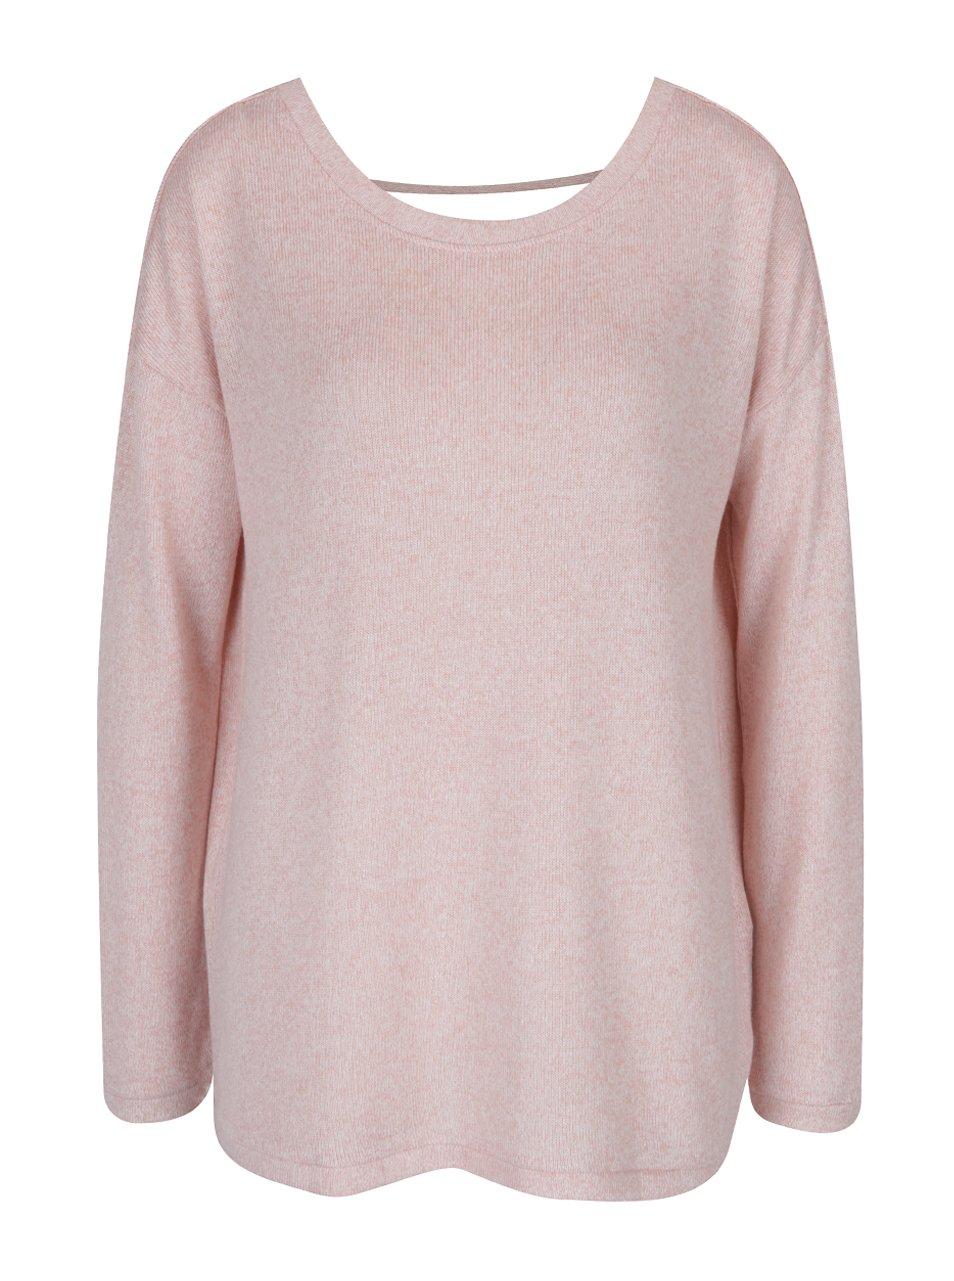 Světle růžový žíhaný svetr s páskem na zádech VERO MODA Sadie